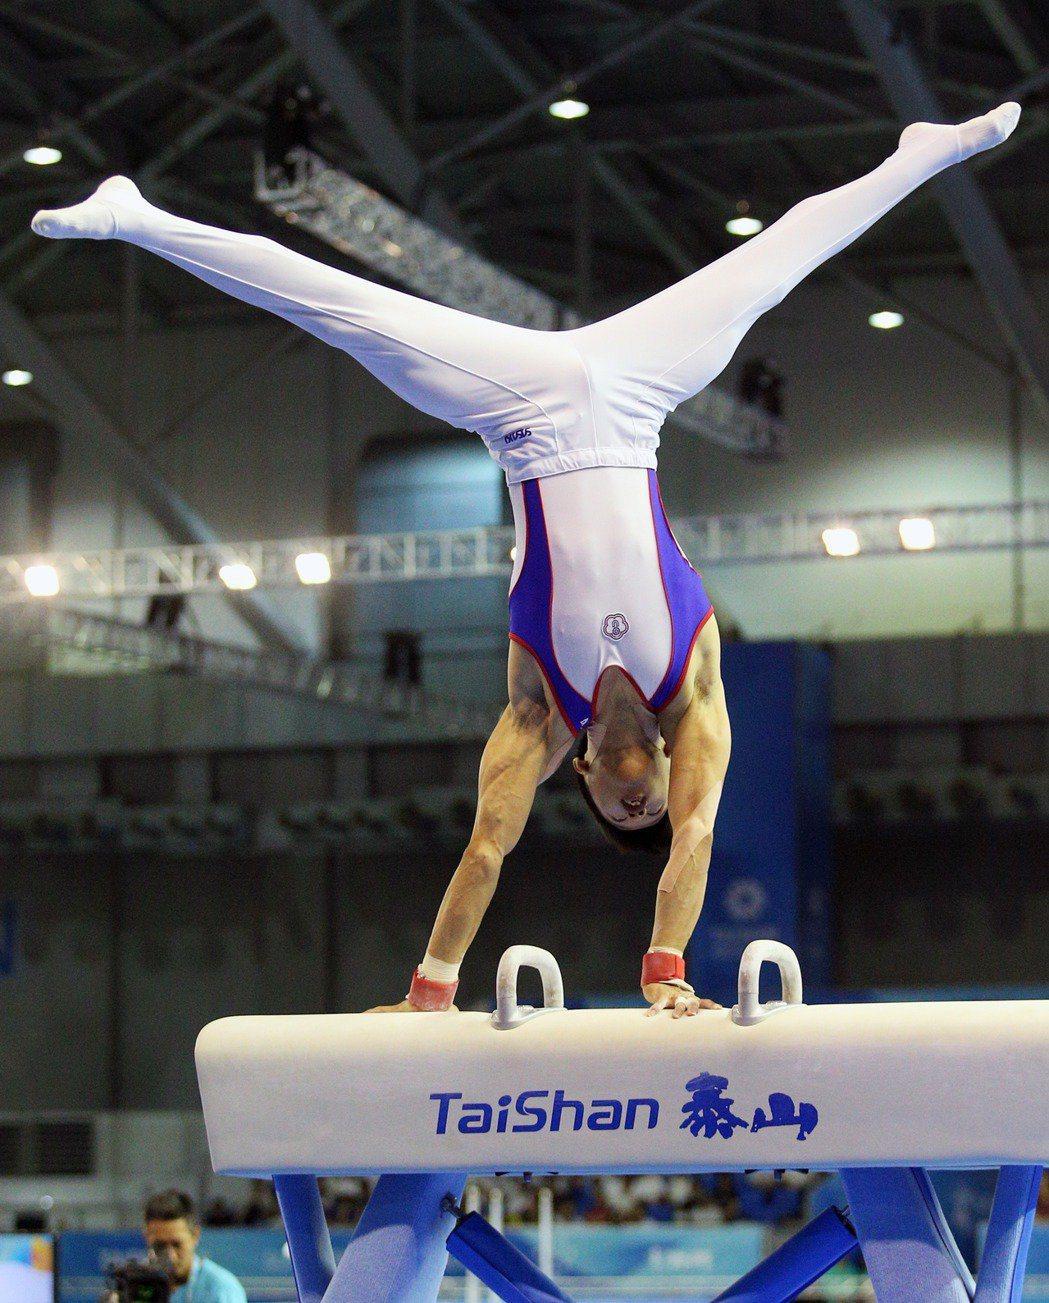 2017年世大運,李智凱拿下首面國際賽事鞍馬金牌。圖/聯合報系資料照